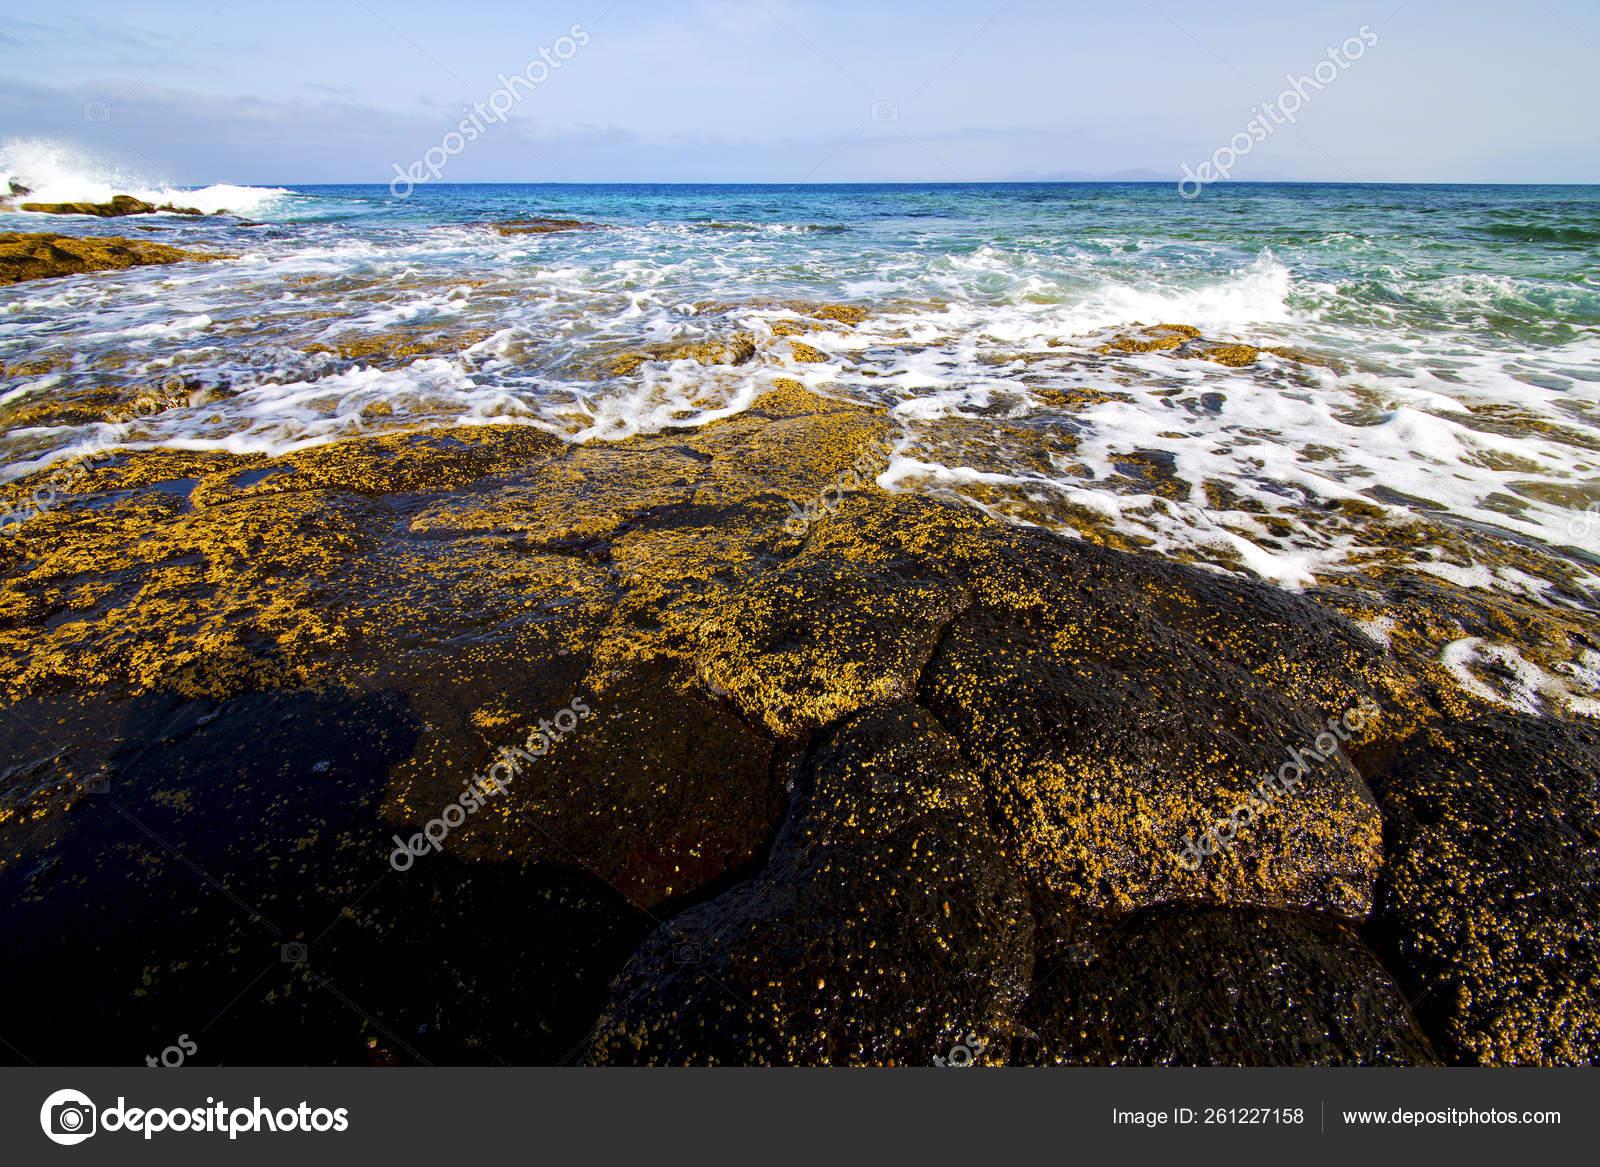 Beach Light Water Lanzarote Isle Foam Rock Spain Landscape